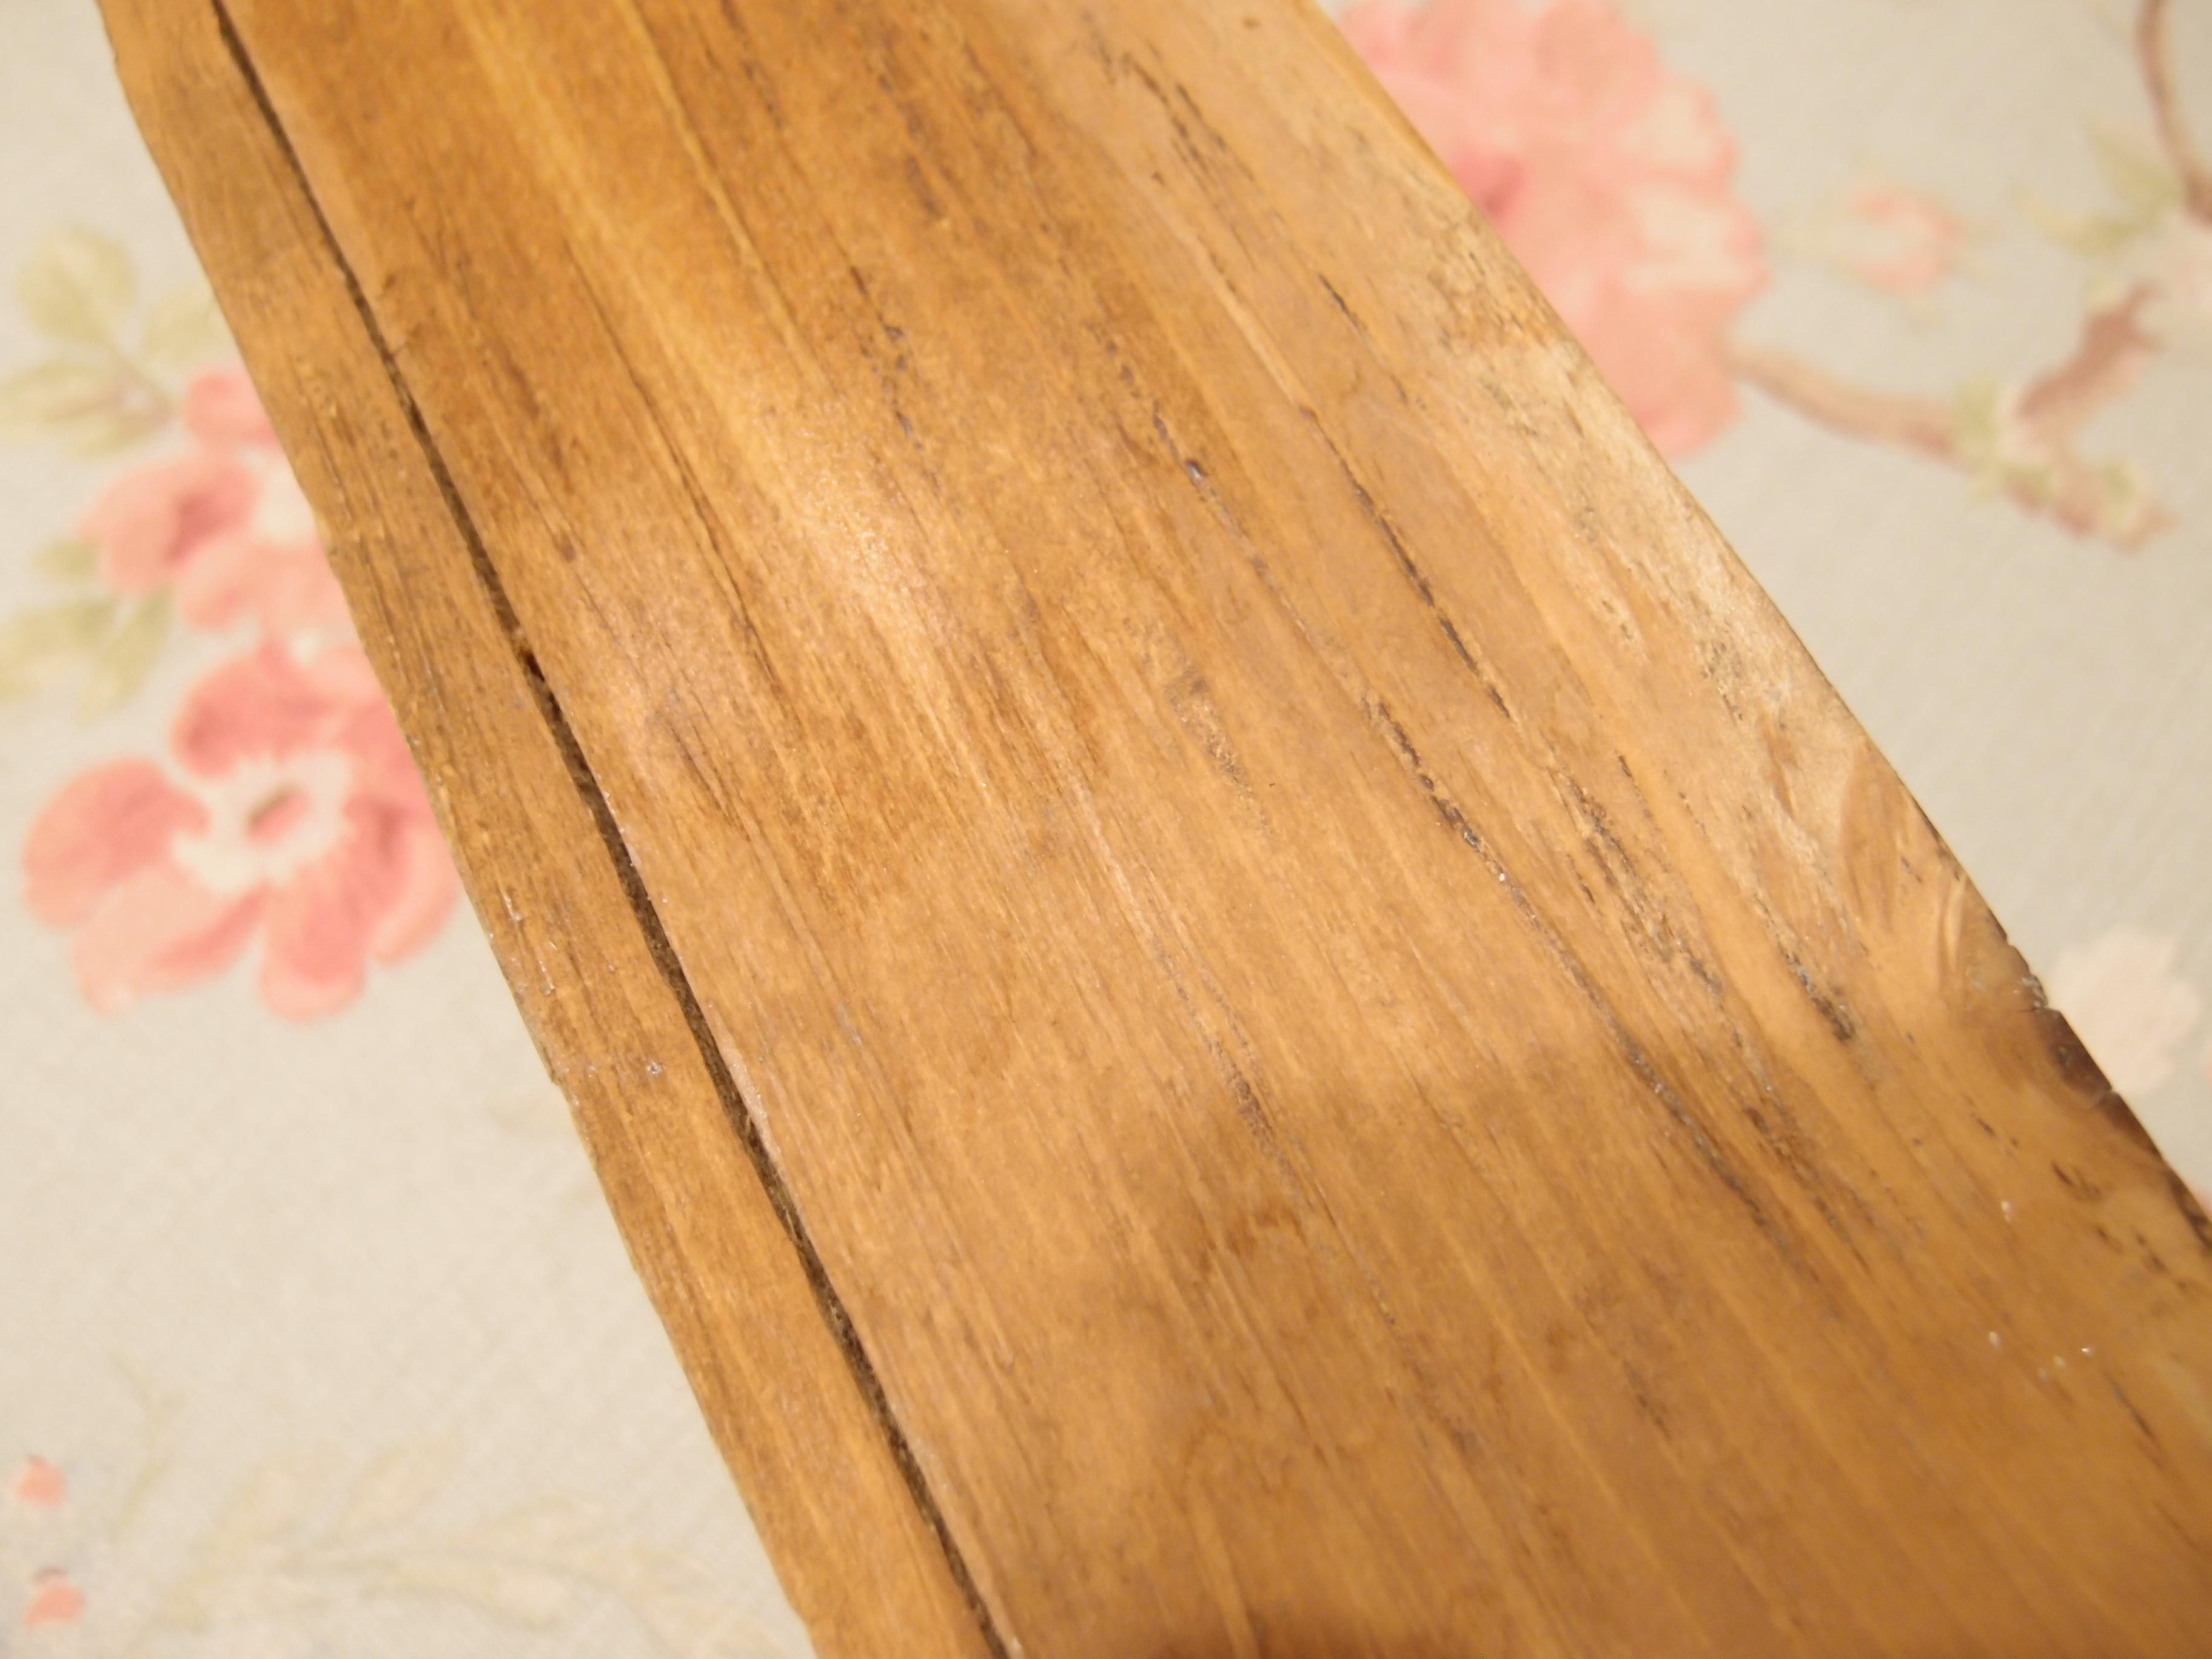 Come pulire e conservare i mobili antichi antichit bellini - Olio per mobili antichi ...